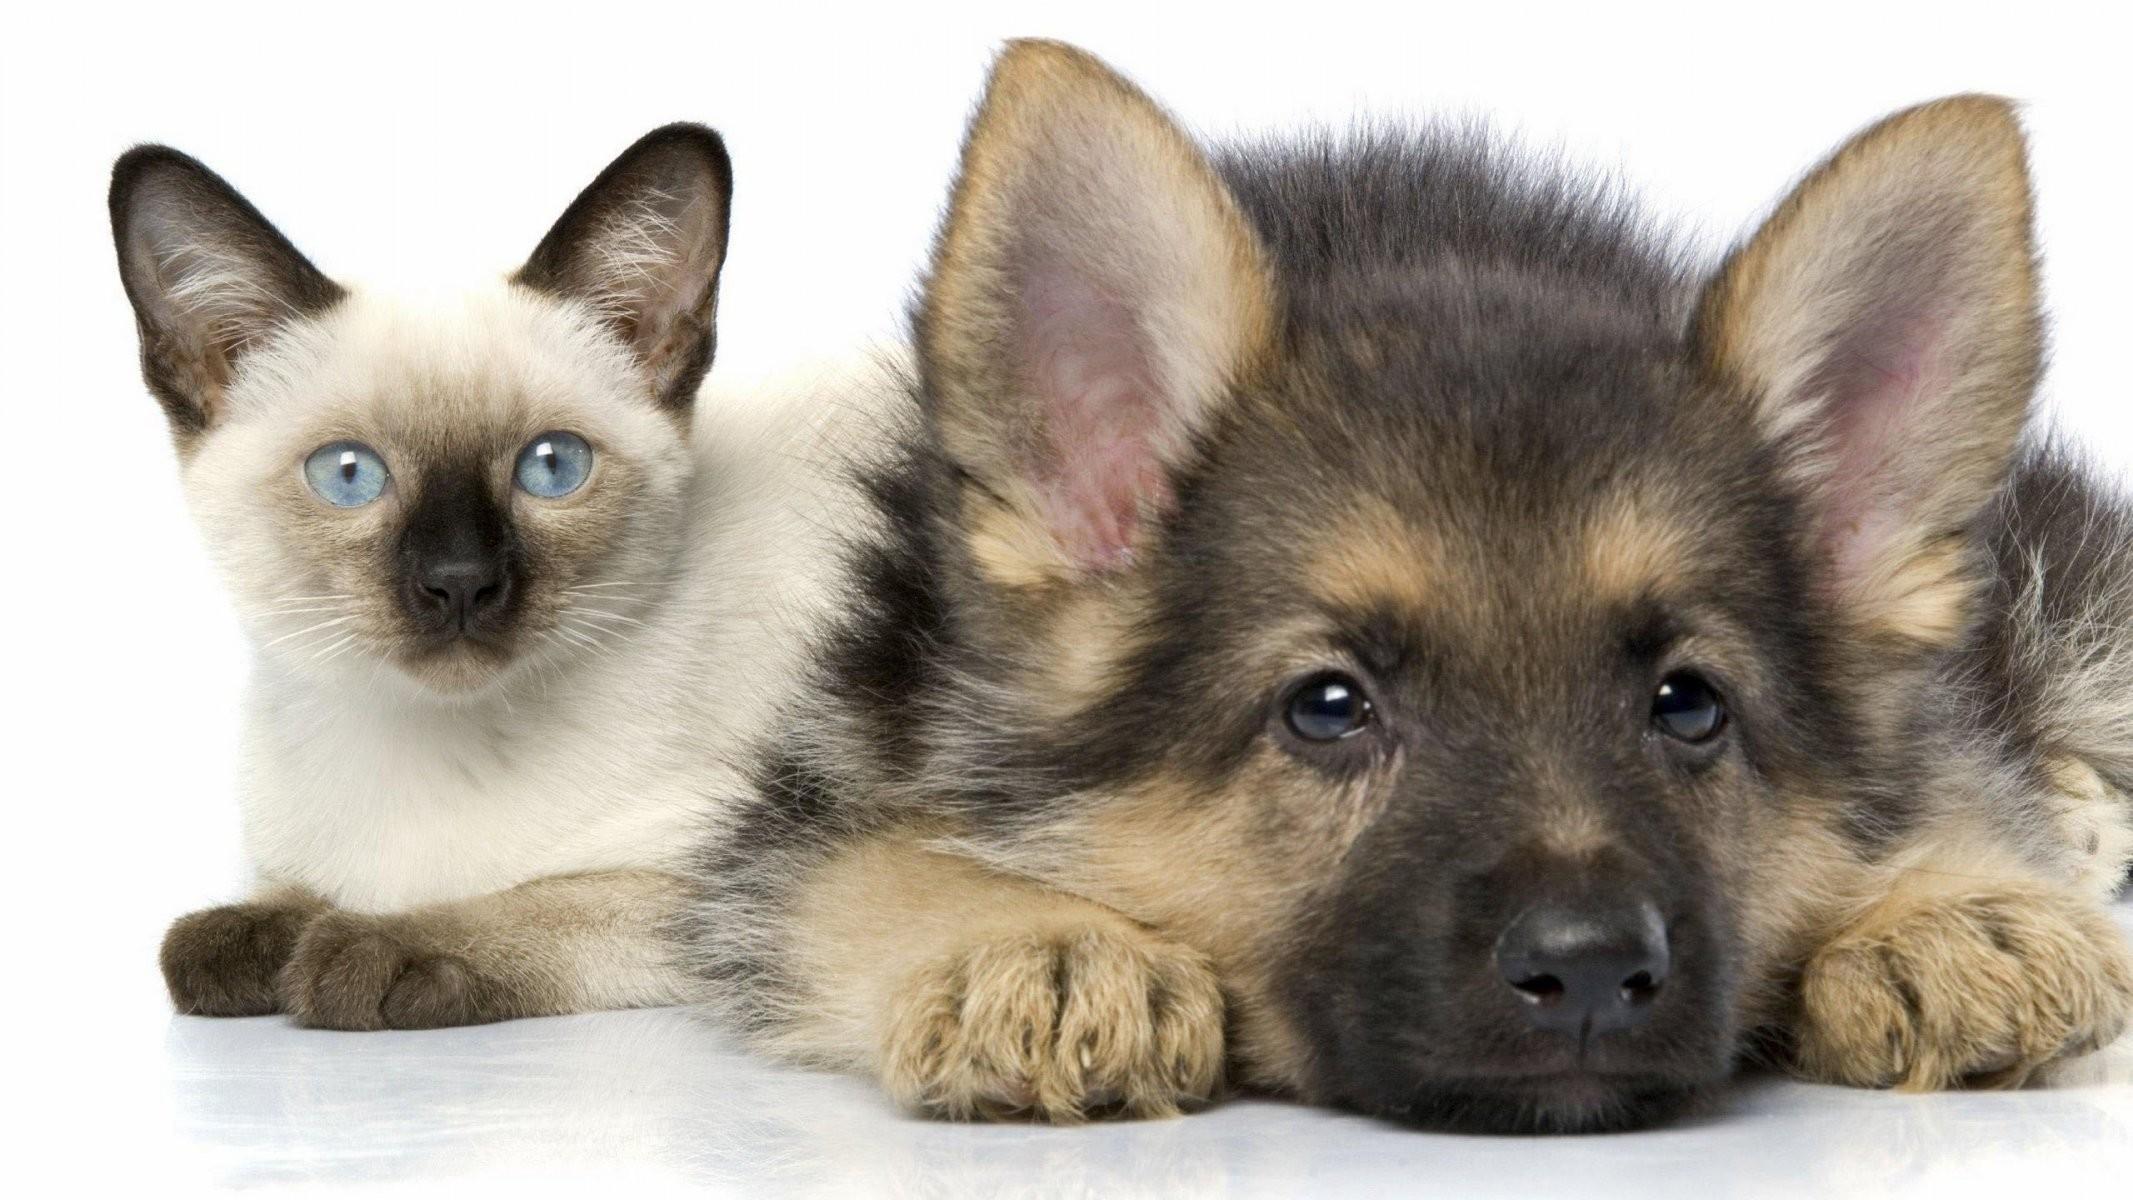 german shepherd dog puppy german shepherd kitten katty HD wallpaper